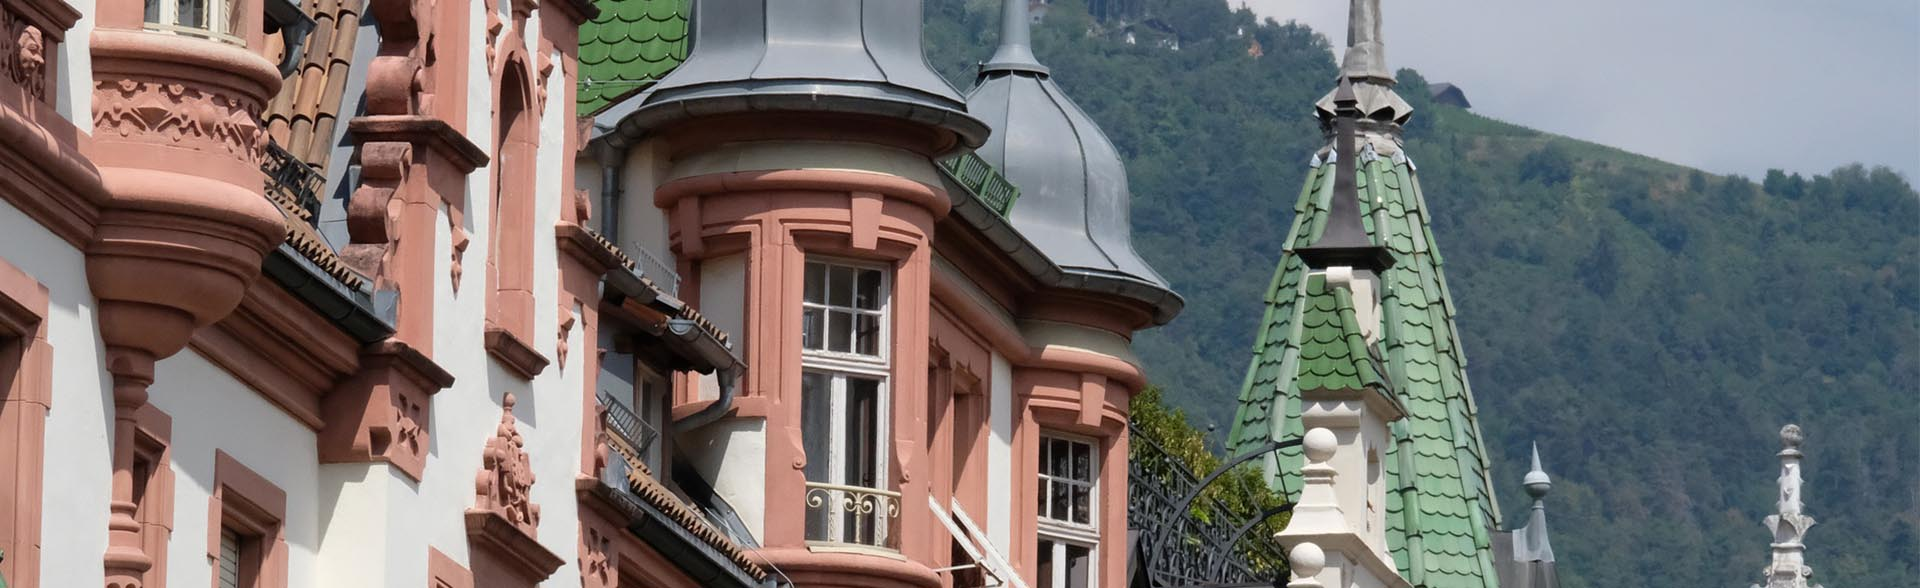 Terra di Mezzo Viaggi - Destinazione -Trentino Alto Adige Tour Borghi Italia